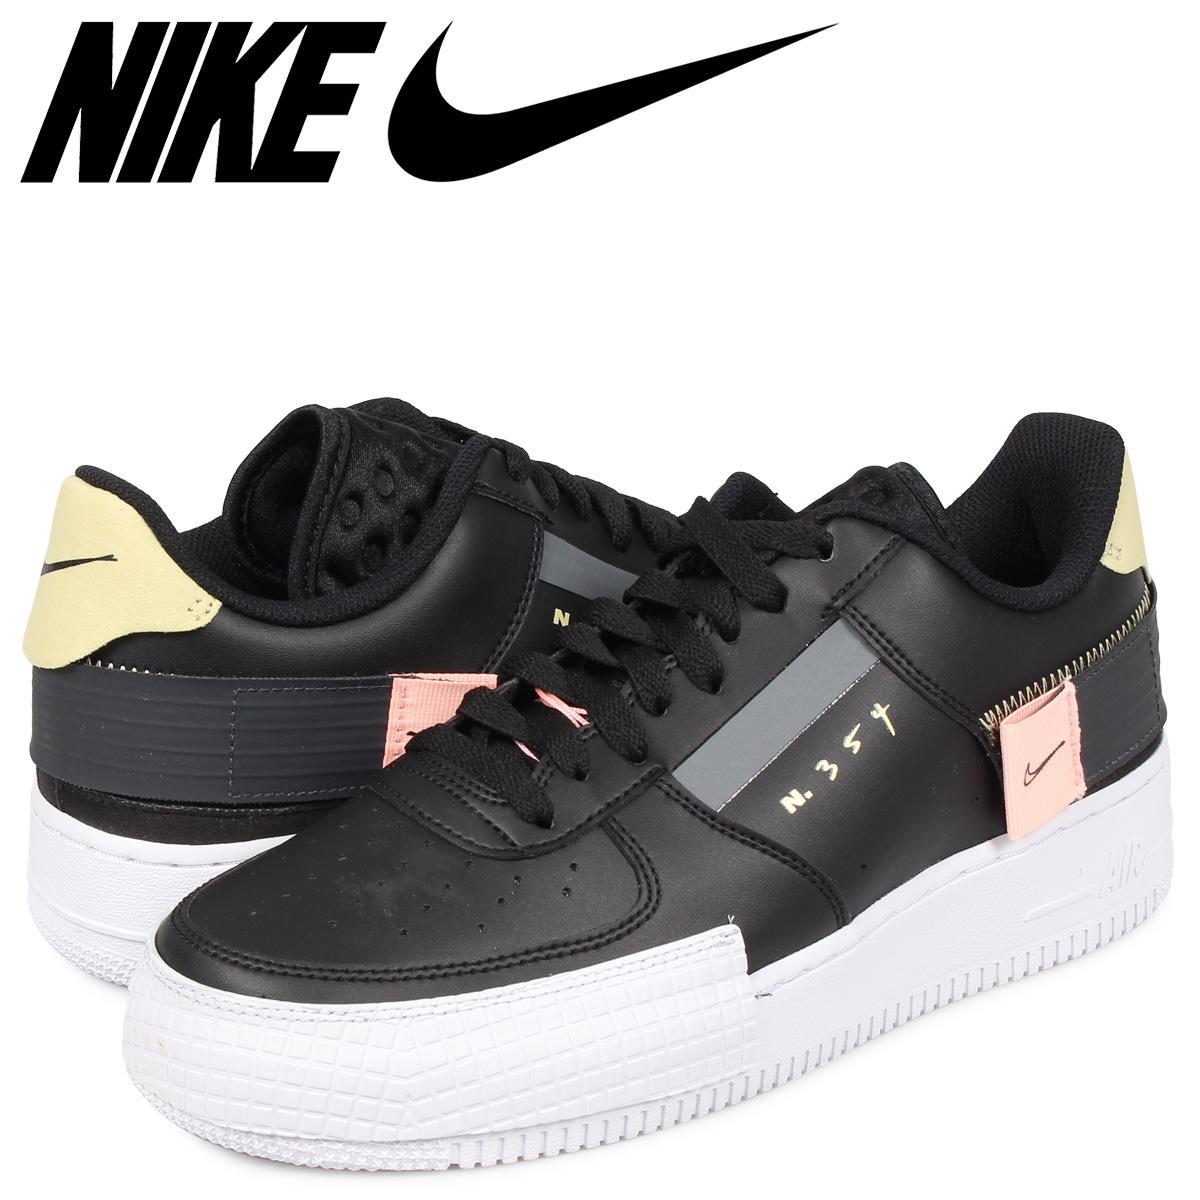 NIKE AIR FORCE 1 AF1 TYPE Nike air force 1 sneakers men black black CI0054 001